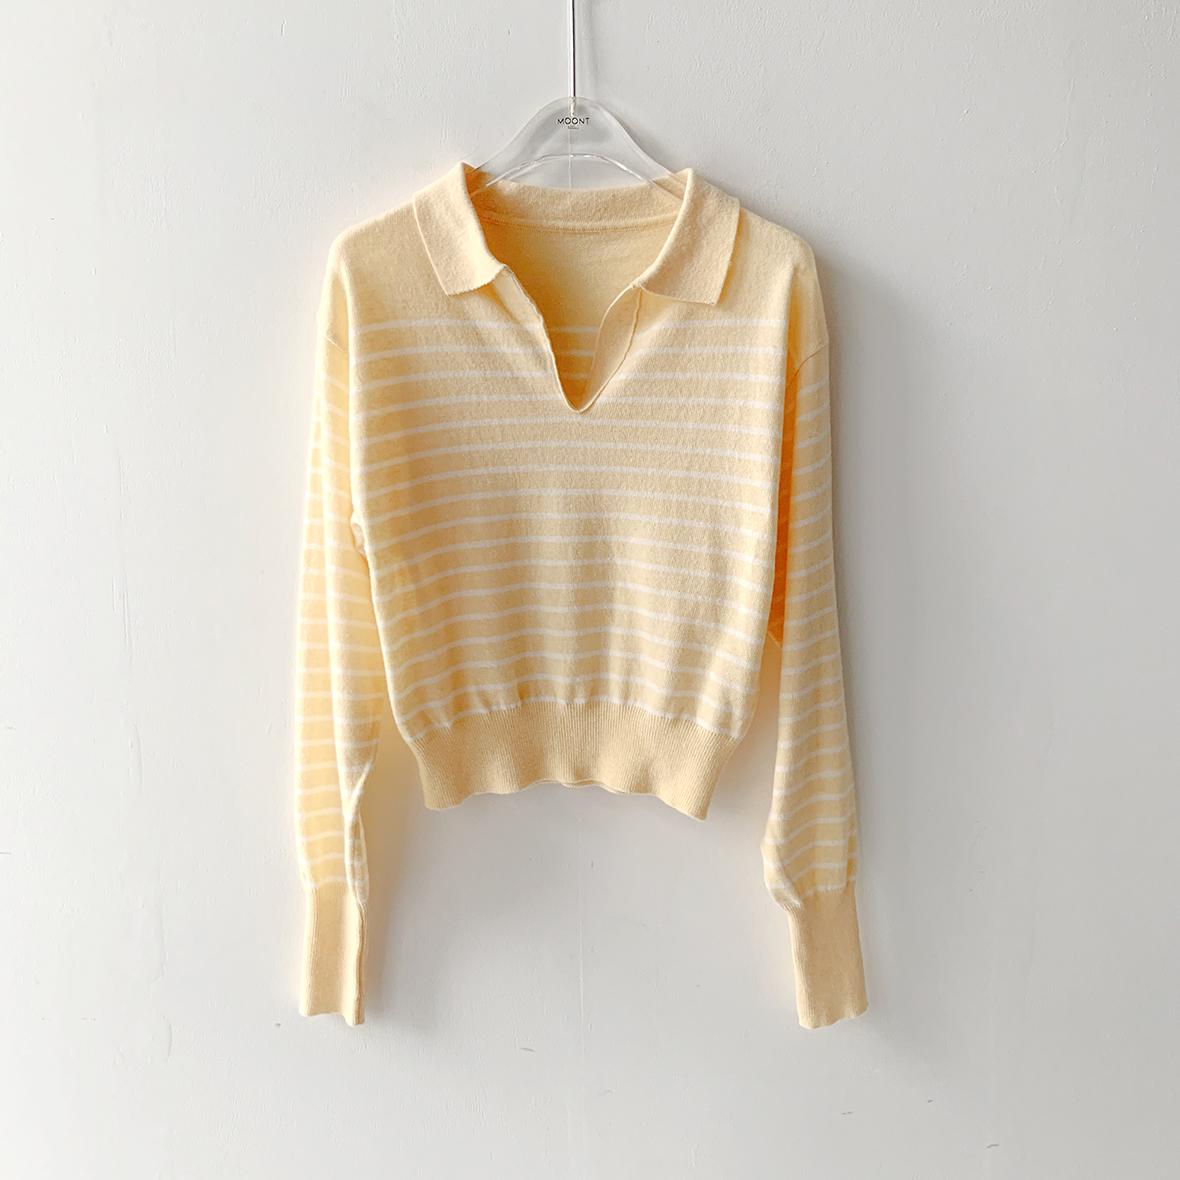 긴팔 티셔츠 머스타드 색상 이미지-S1L33